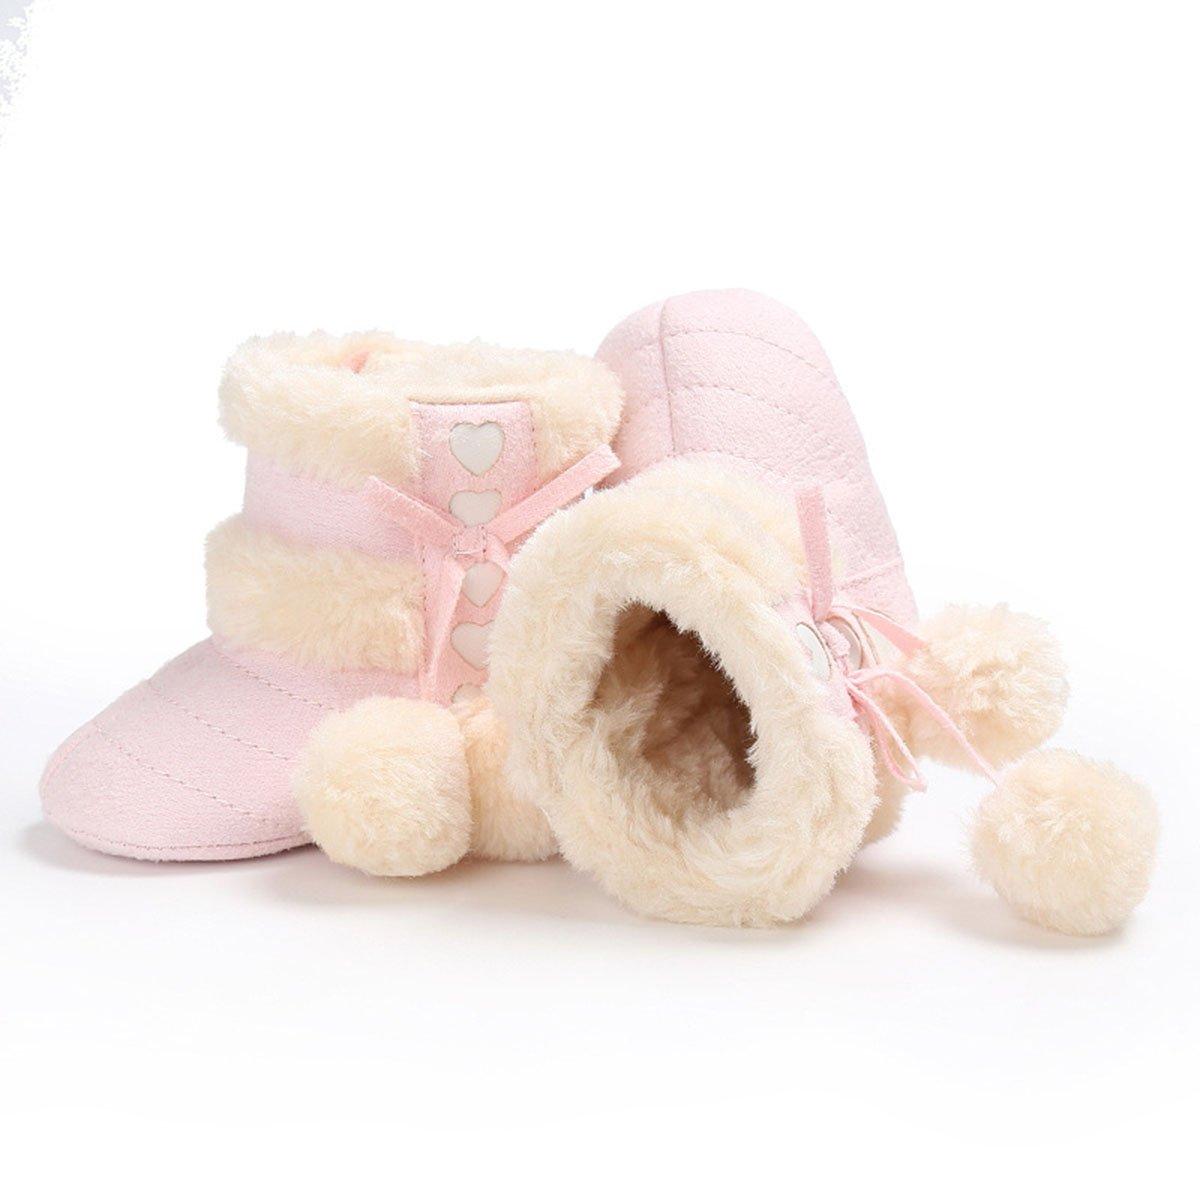 Butterme Babyschuhe Longra Baby Stiefel Winter Warm Soft Sohle Anti-Rutsch Mid Kalb Krippe Schuhe mit Pelz getrimmt Pom Pom S/äugling Prewalker Kleinkind Schnee Stiefel F/ür 0-18 Monate Baby